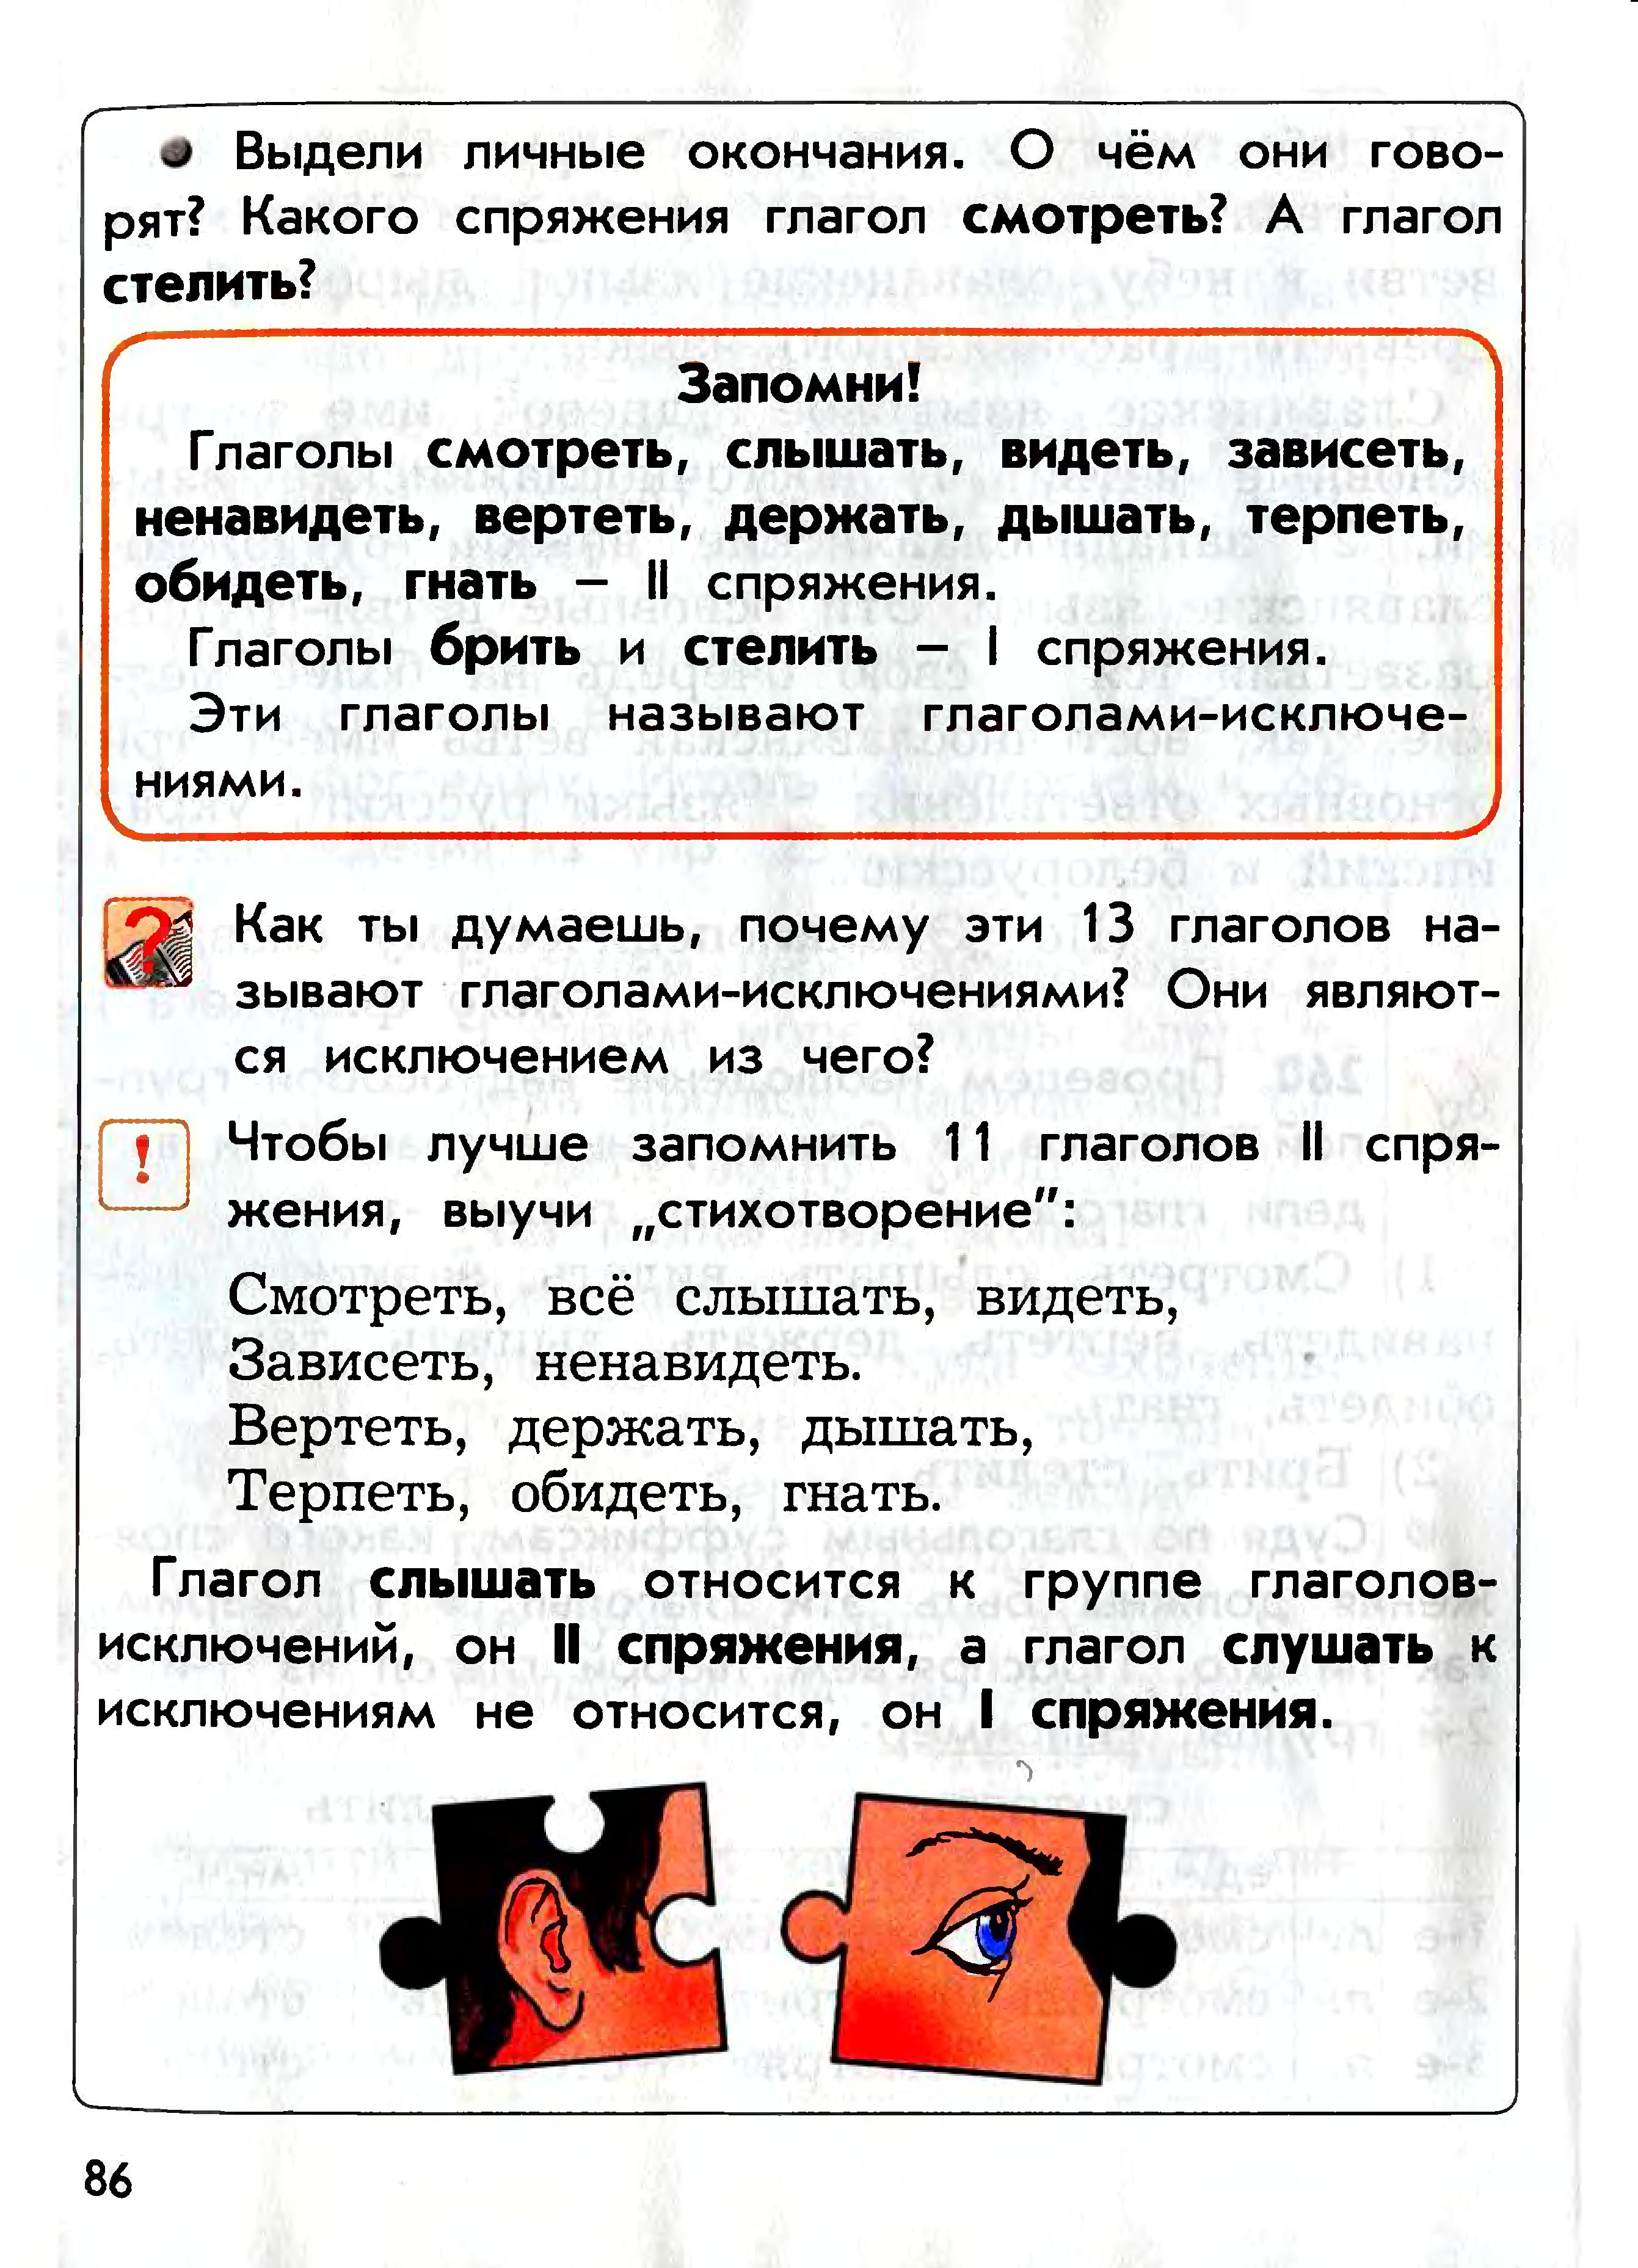 C:\Users\Елена\Desktop\Новая папка (2)\Стр 86